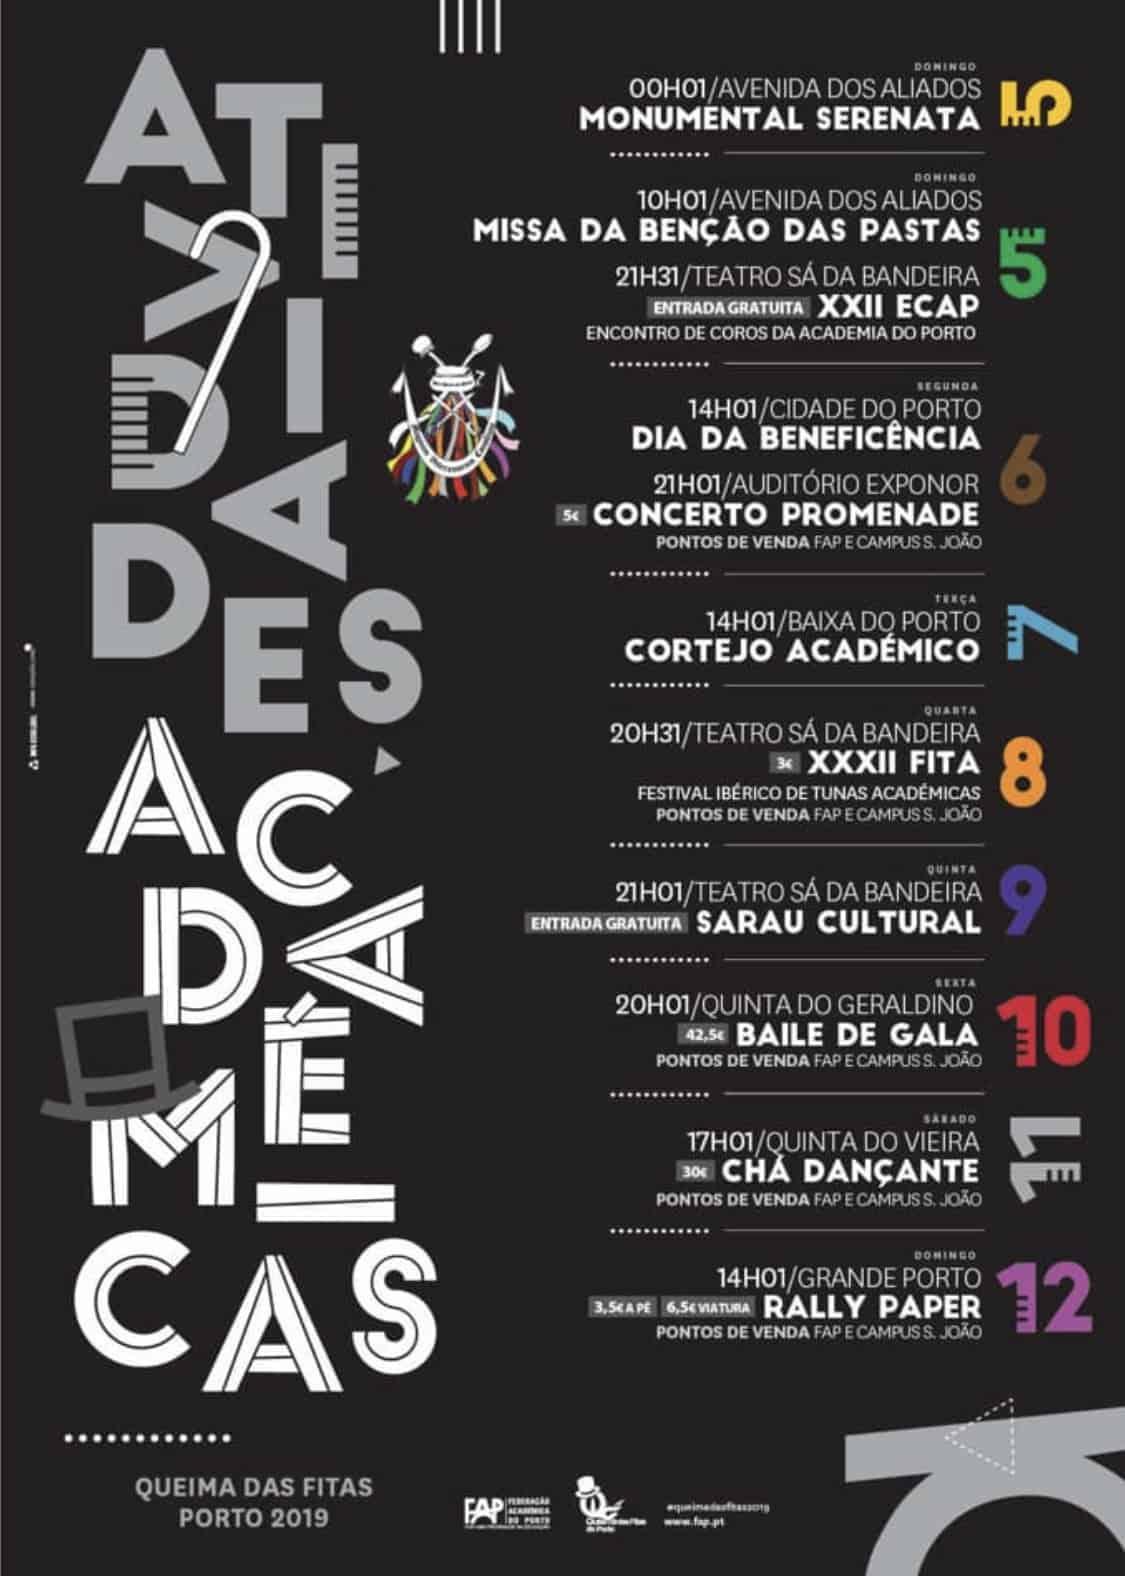 ATIVIDADES ACADÉMICAS – QUEIMA DAS FITAS PORTO 2019